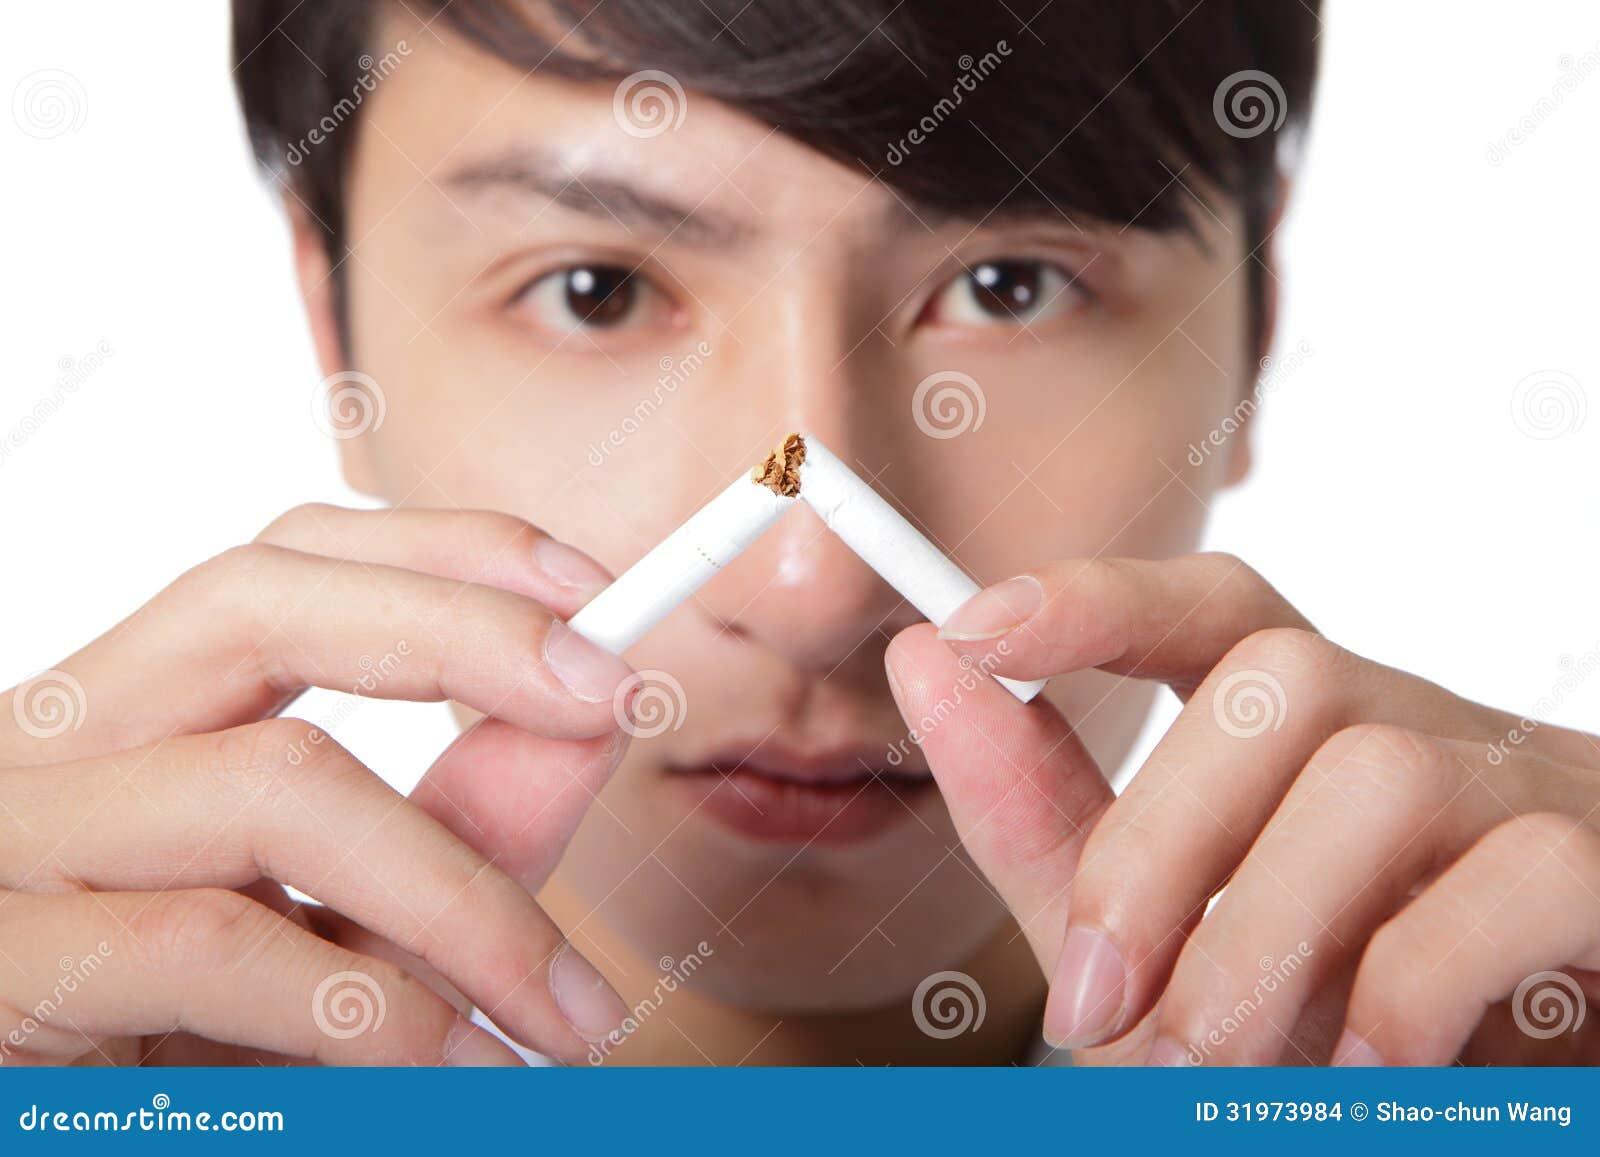 Я зависимый игроман как бросить курить